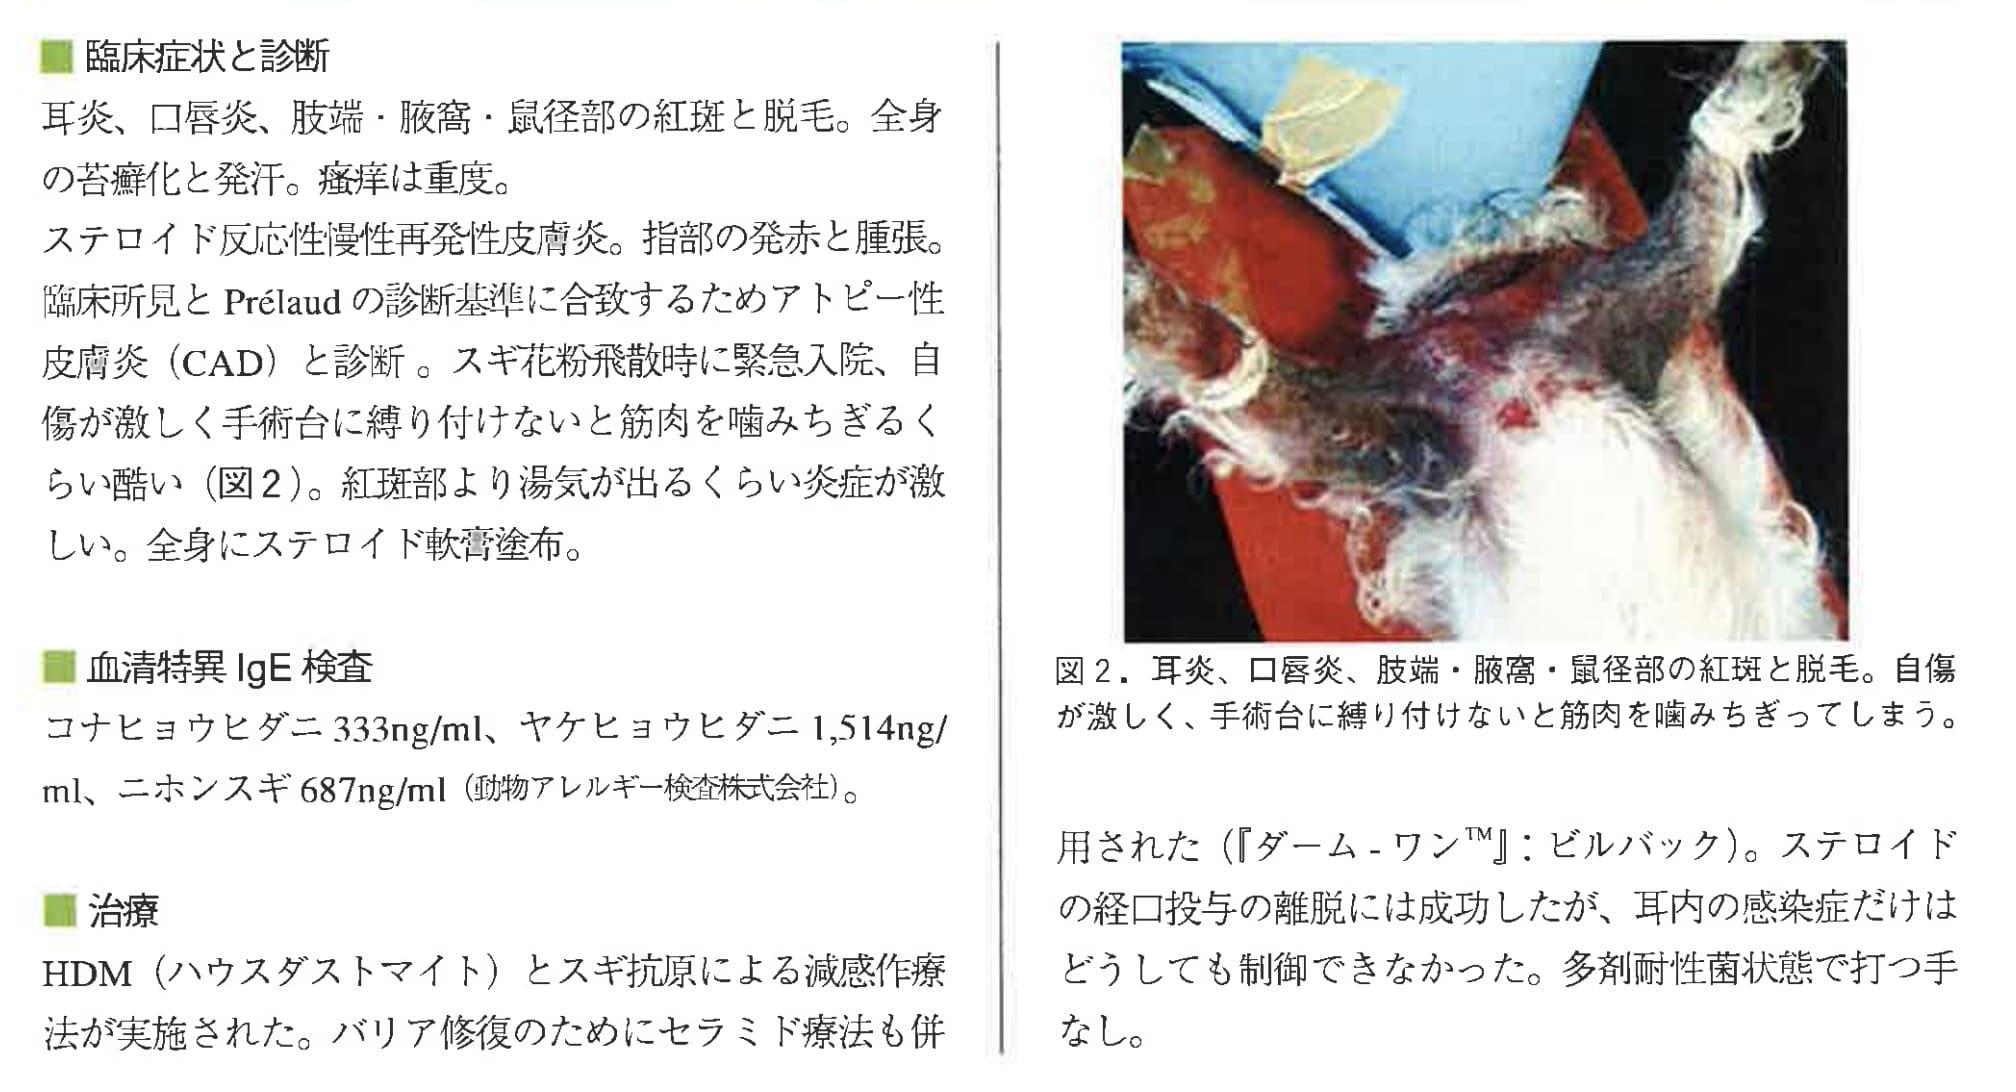 犬の多剤耐性菌の問題とその対処方法 (特 に耳へのチャレンジ)後編